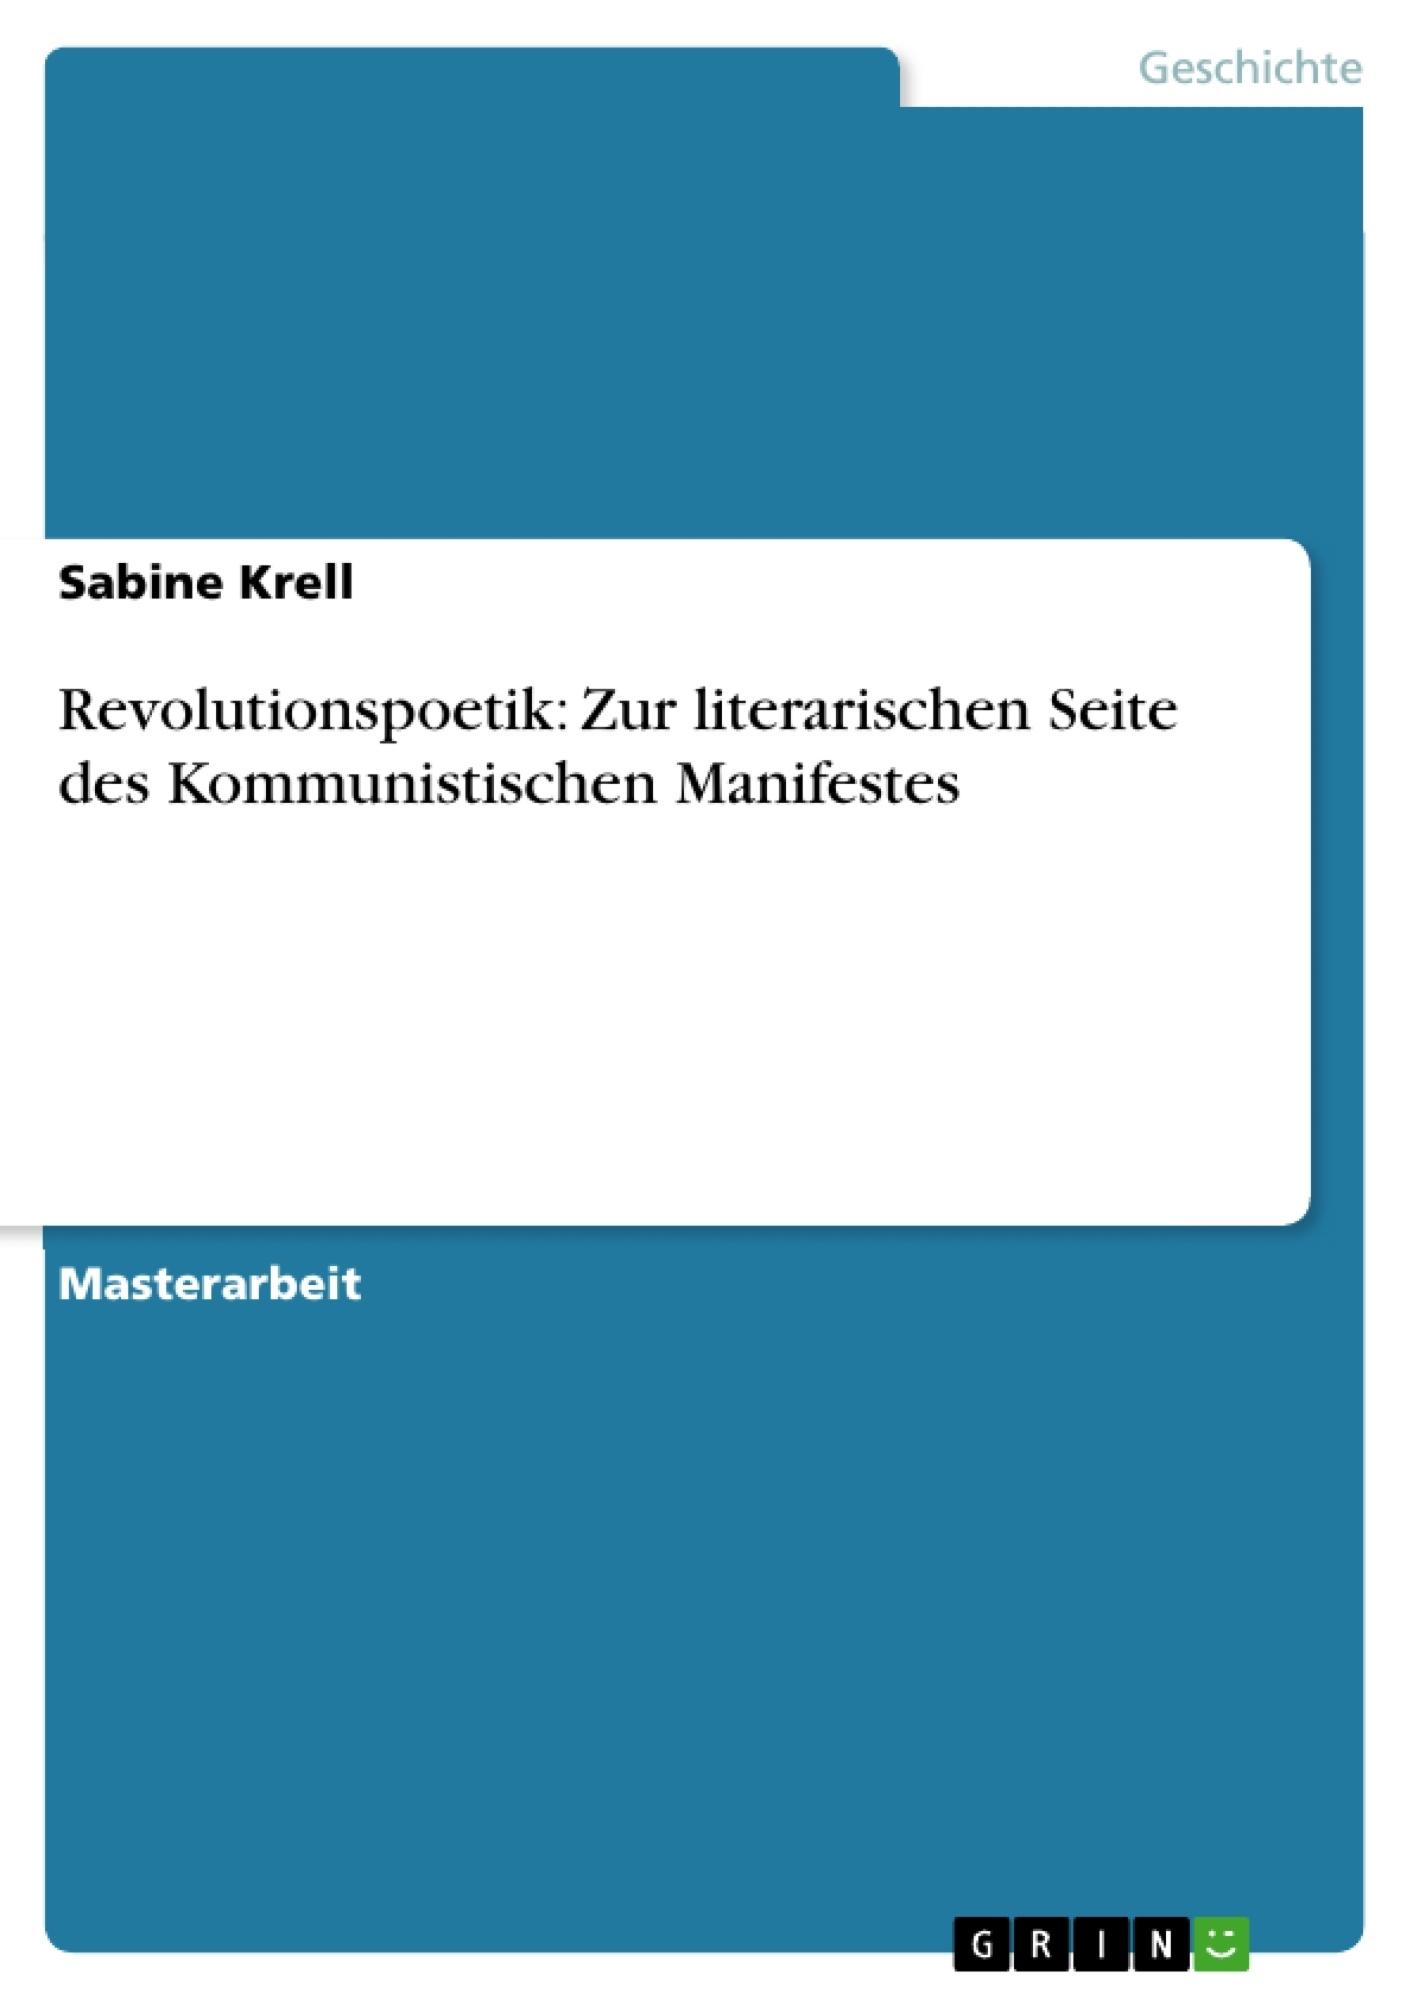 Titel: Revolutionspoetik: Zur literarischen Seite des Kommunistischen Manifestes